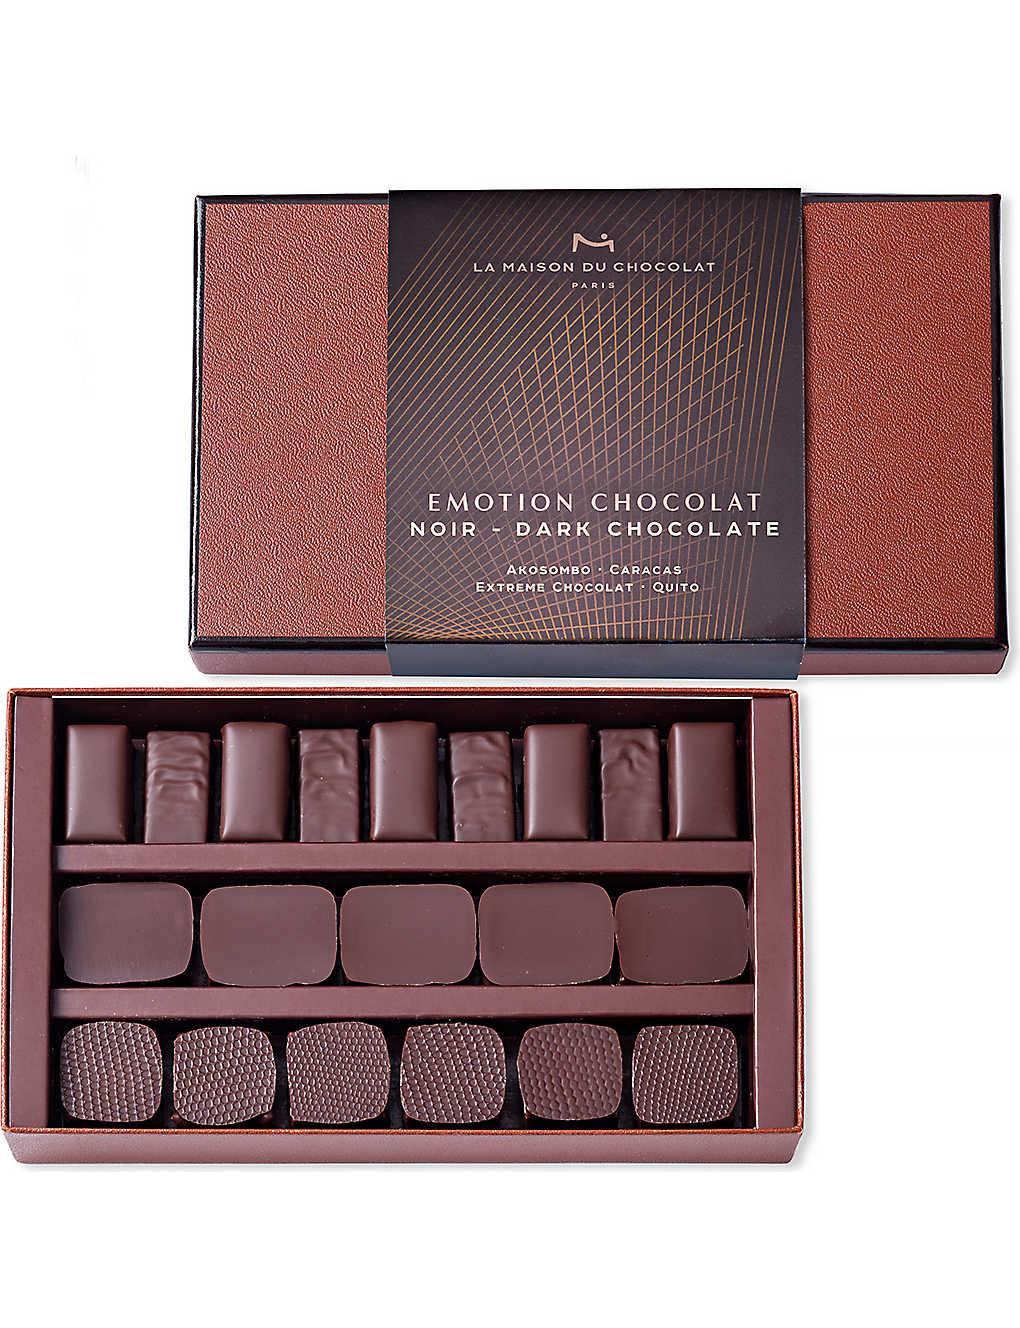 Maison Du Puzzle Paris la maison du chocolat - emotion 21-piece dark chocolate